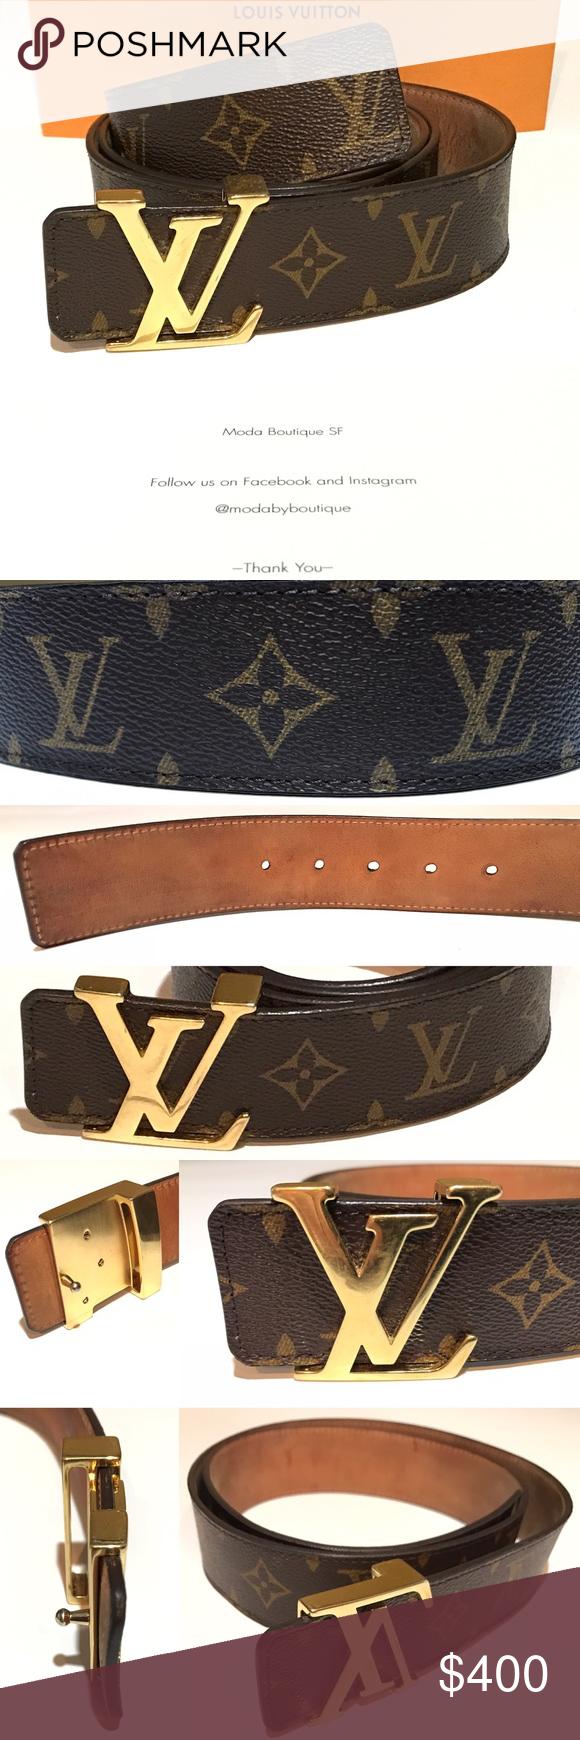 5ff0a31168ca LV INITIALES 40MM M9608 Monogram 34-40 100% Authentic Louis Vuitton Paris Golden  Buckle